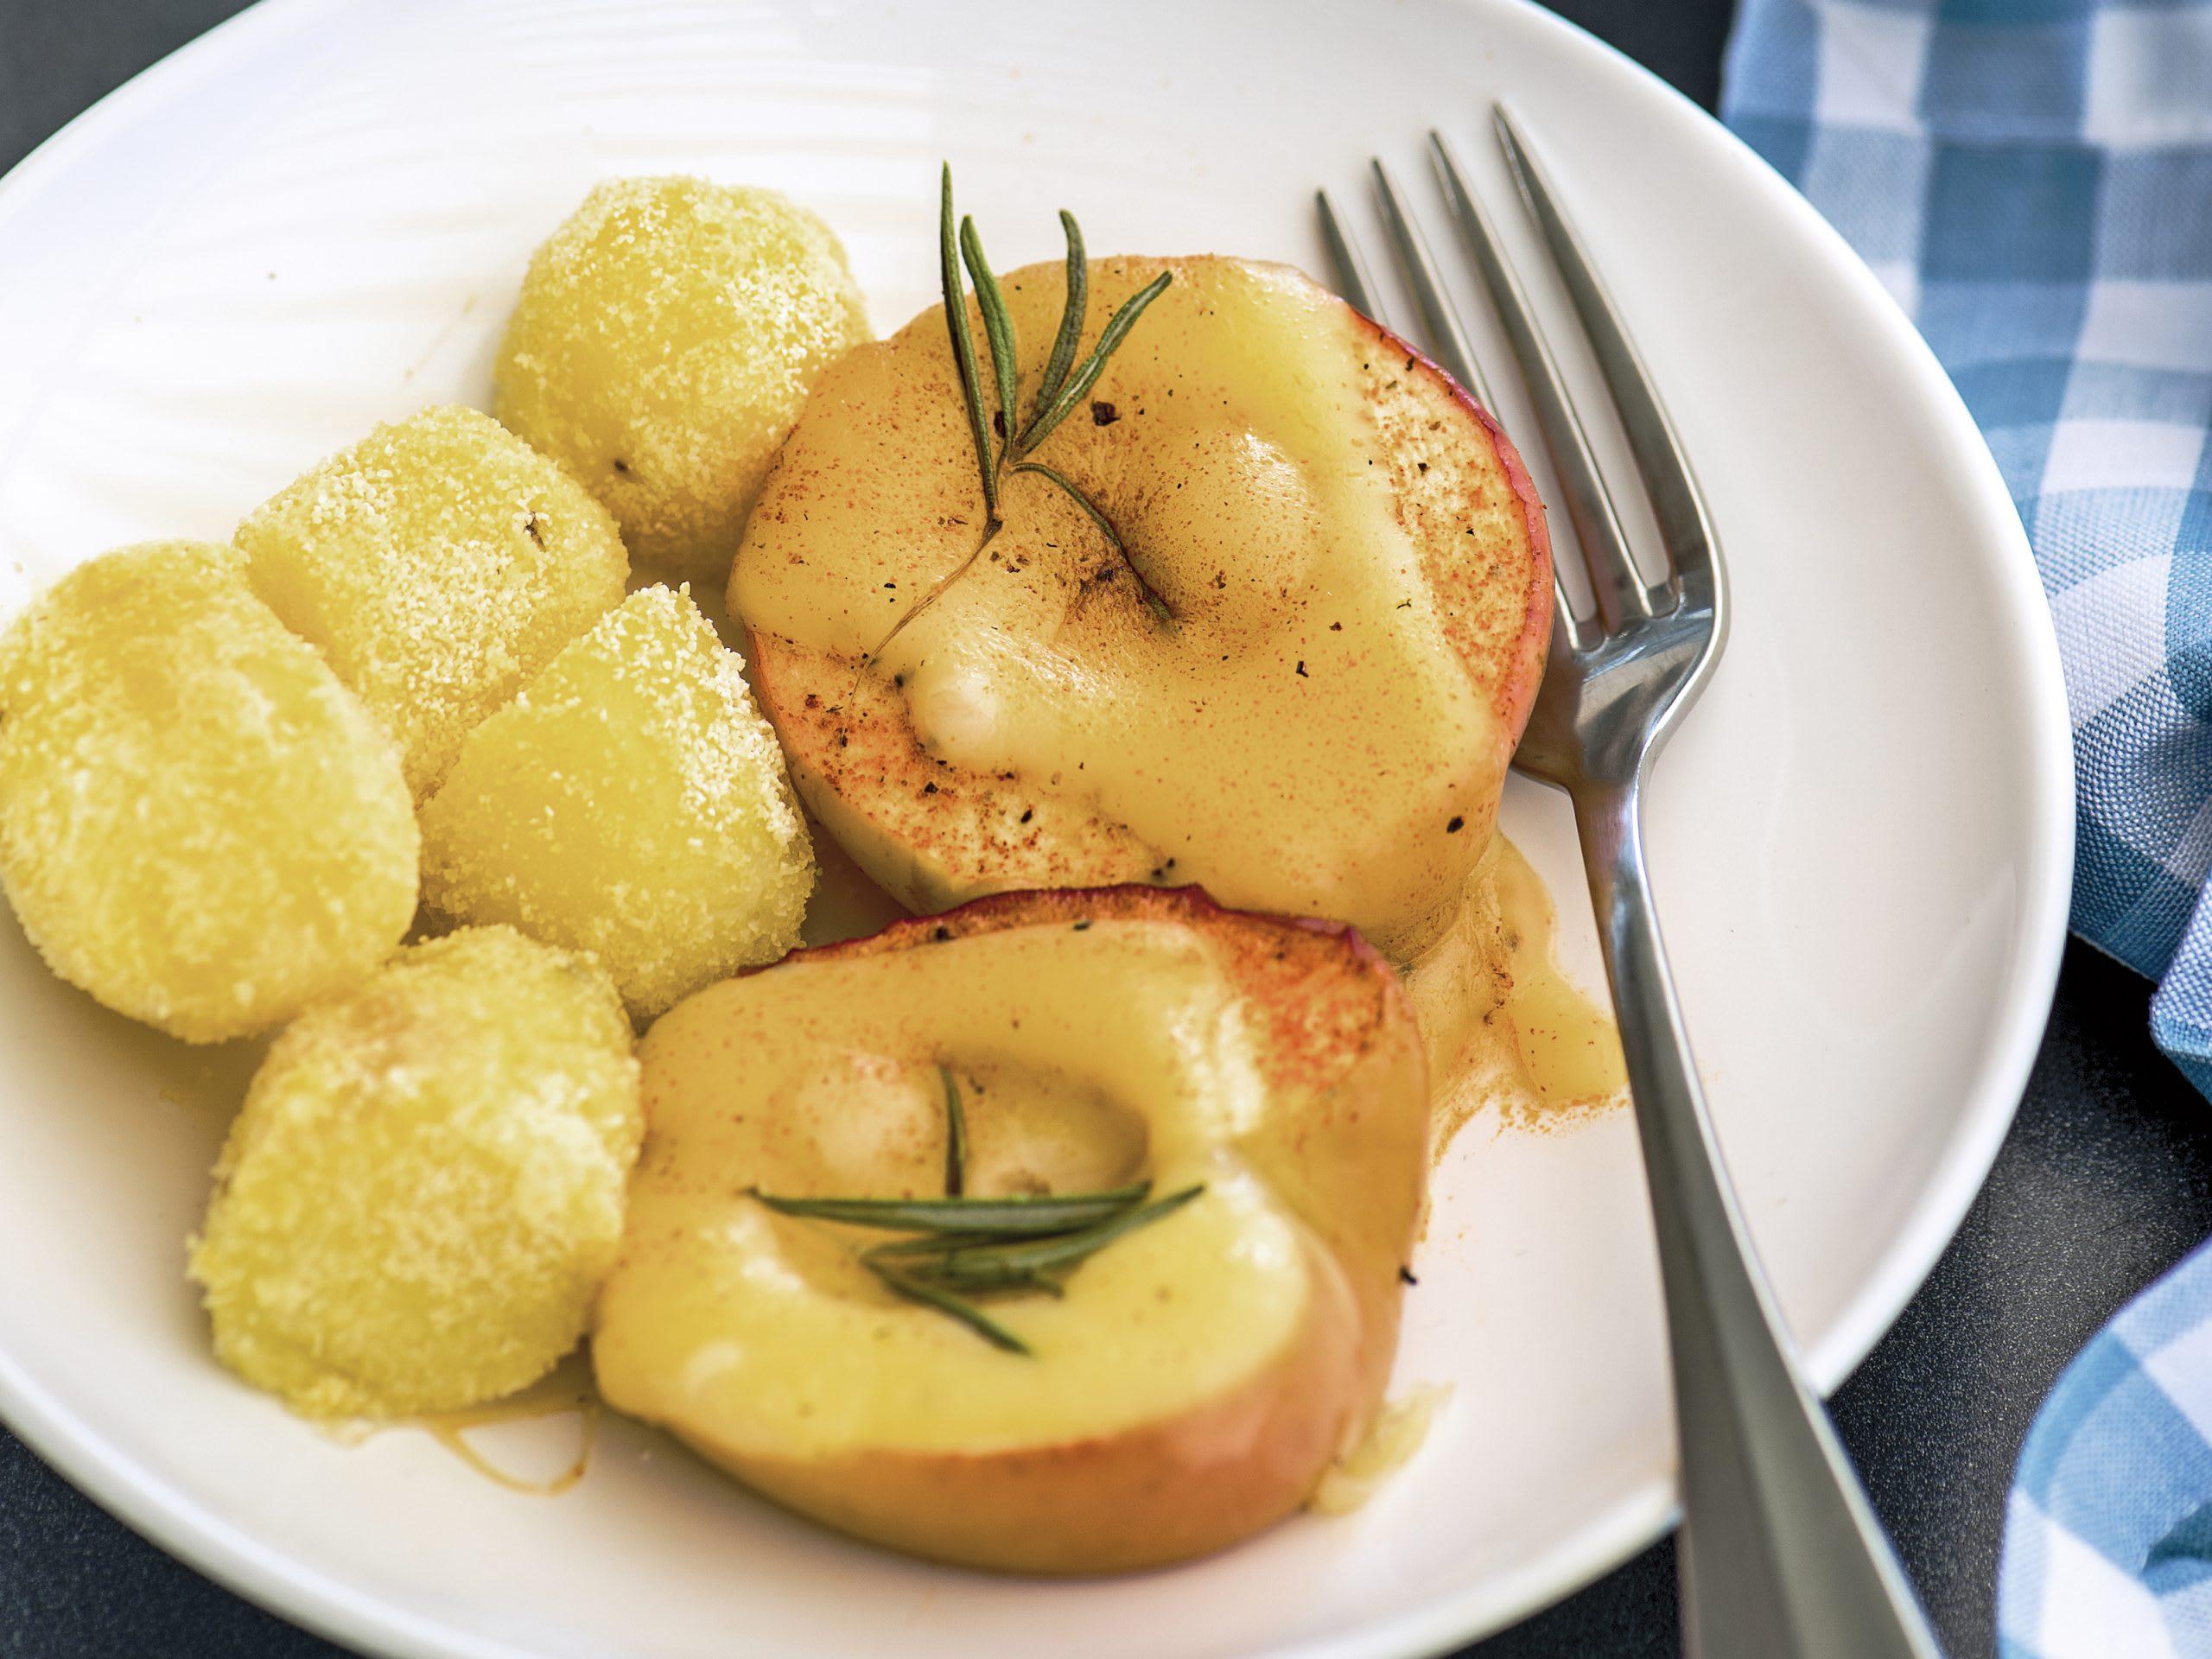 Pommes de terre croustillantes et pommes au fromage à raclette